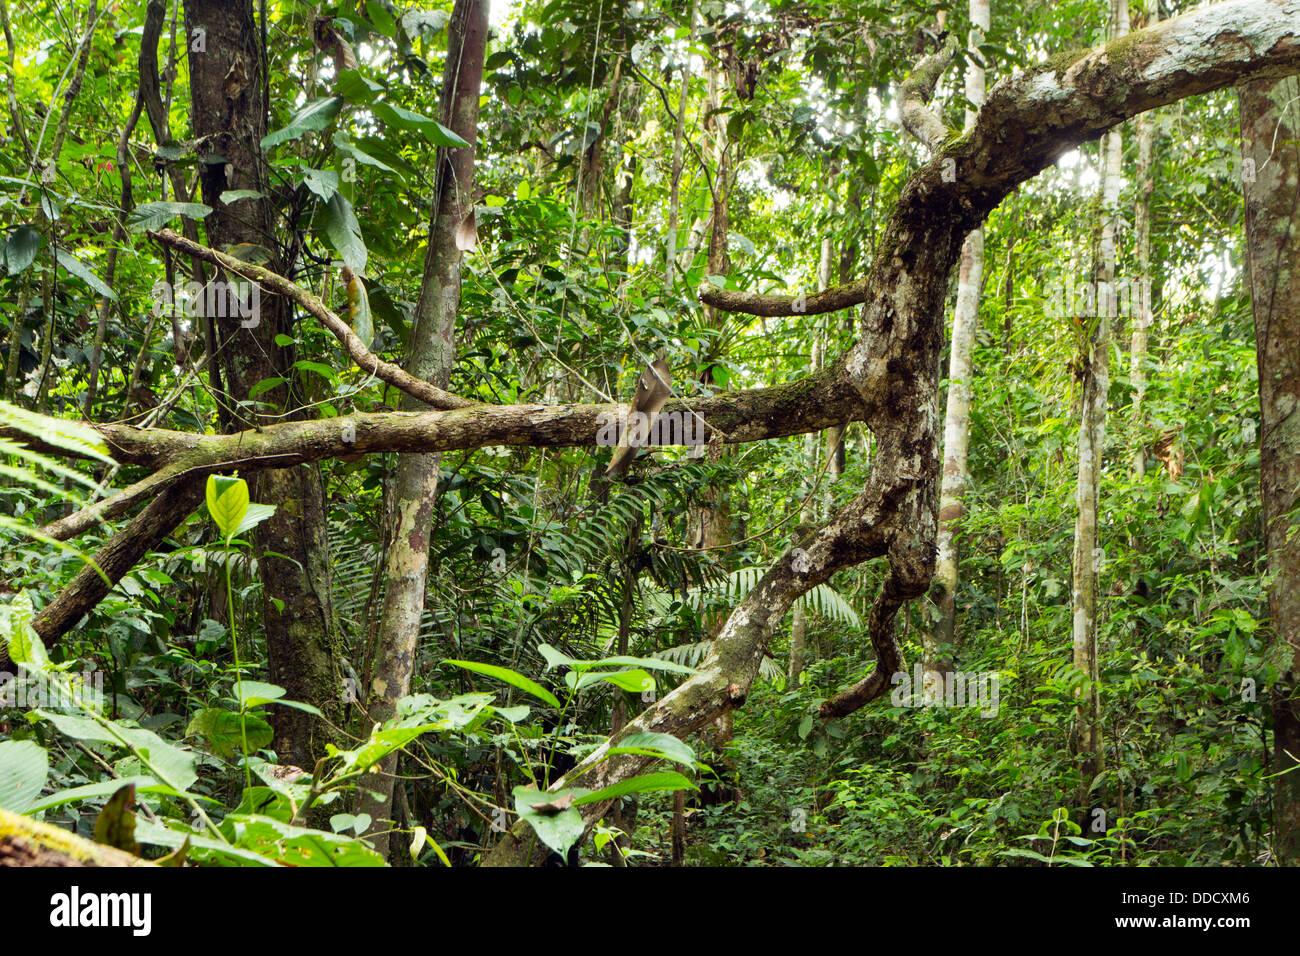 Tot gefallenen Ast im tropischen Regenwald, Ecuador Stockbild